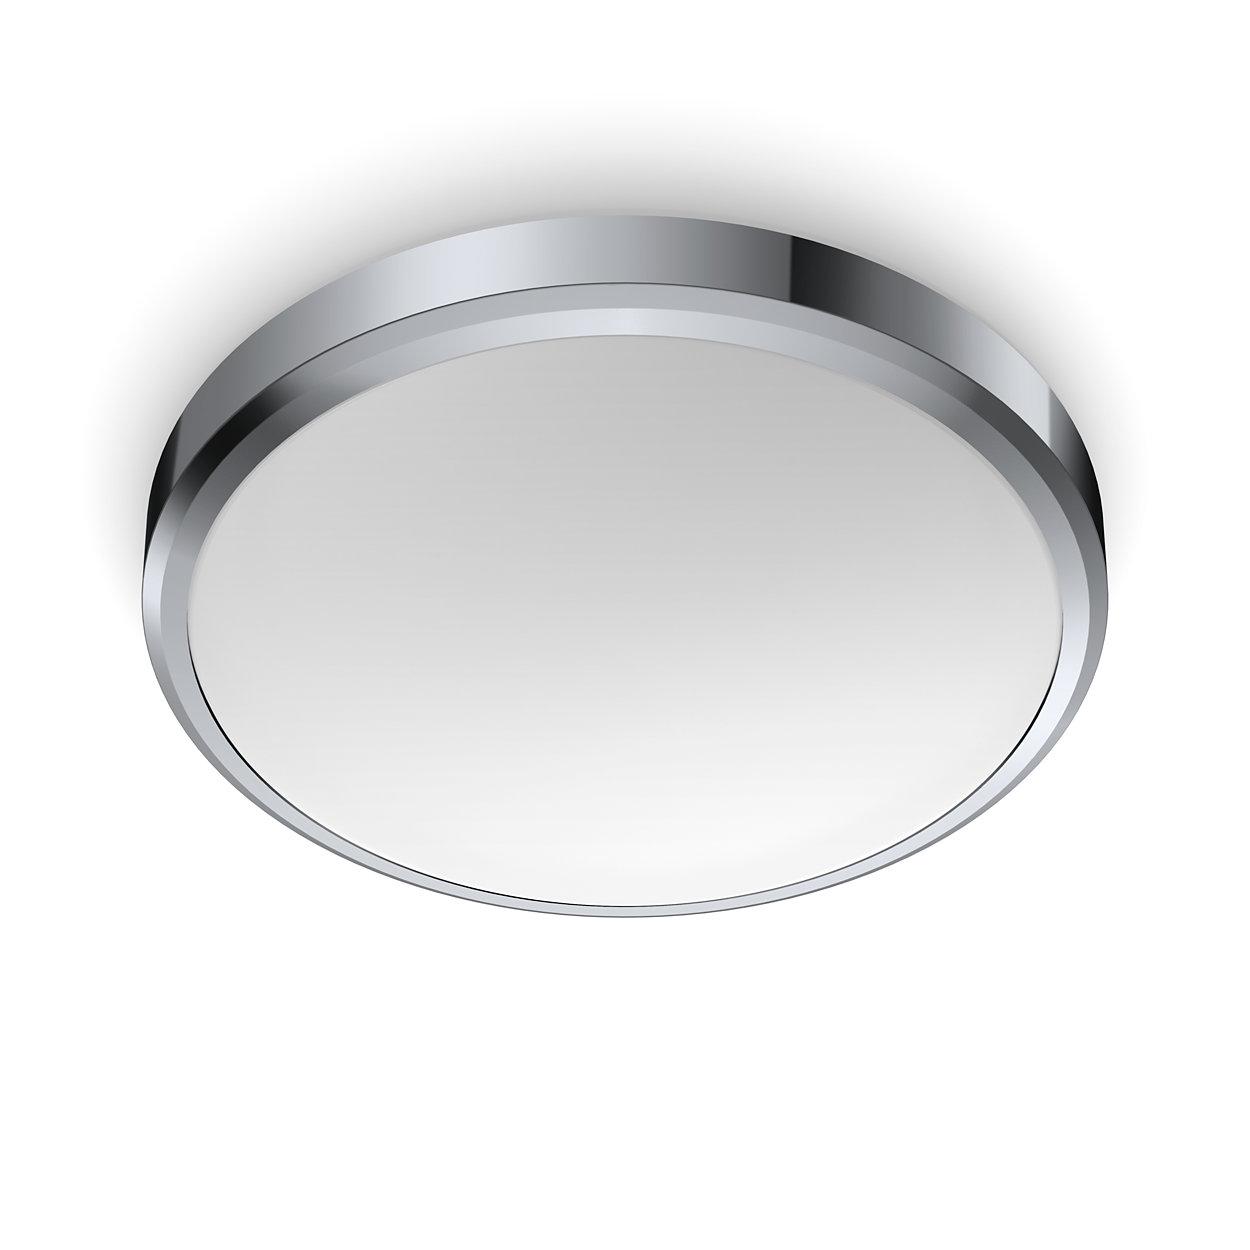 Behagligt LED-ljus som är skonsamt för ögonen